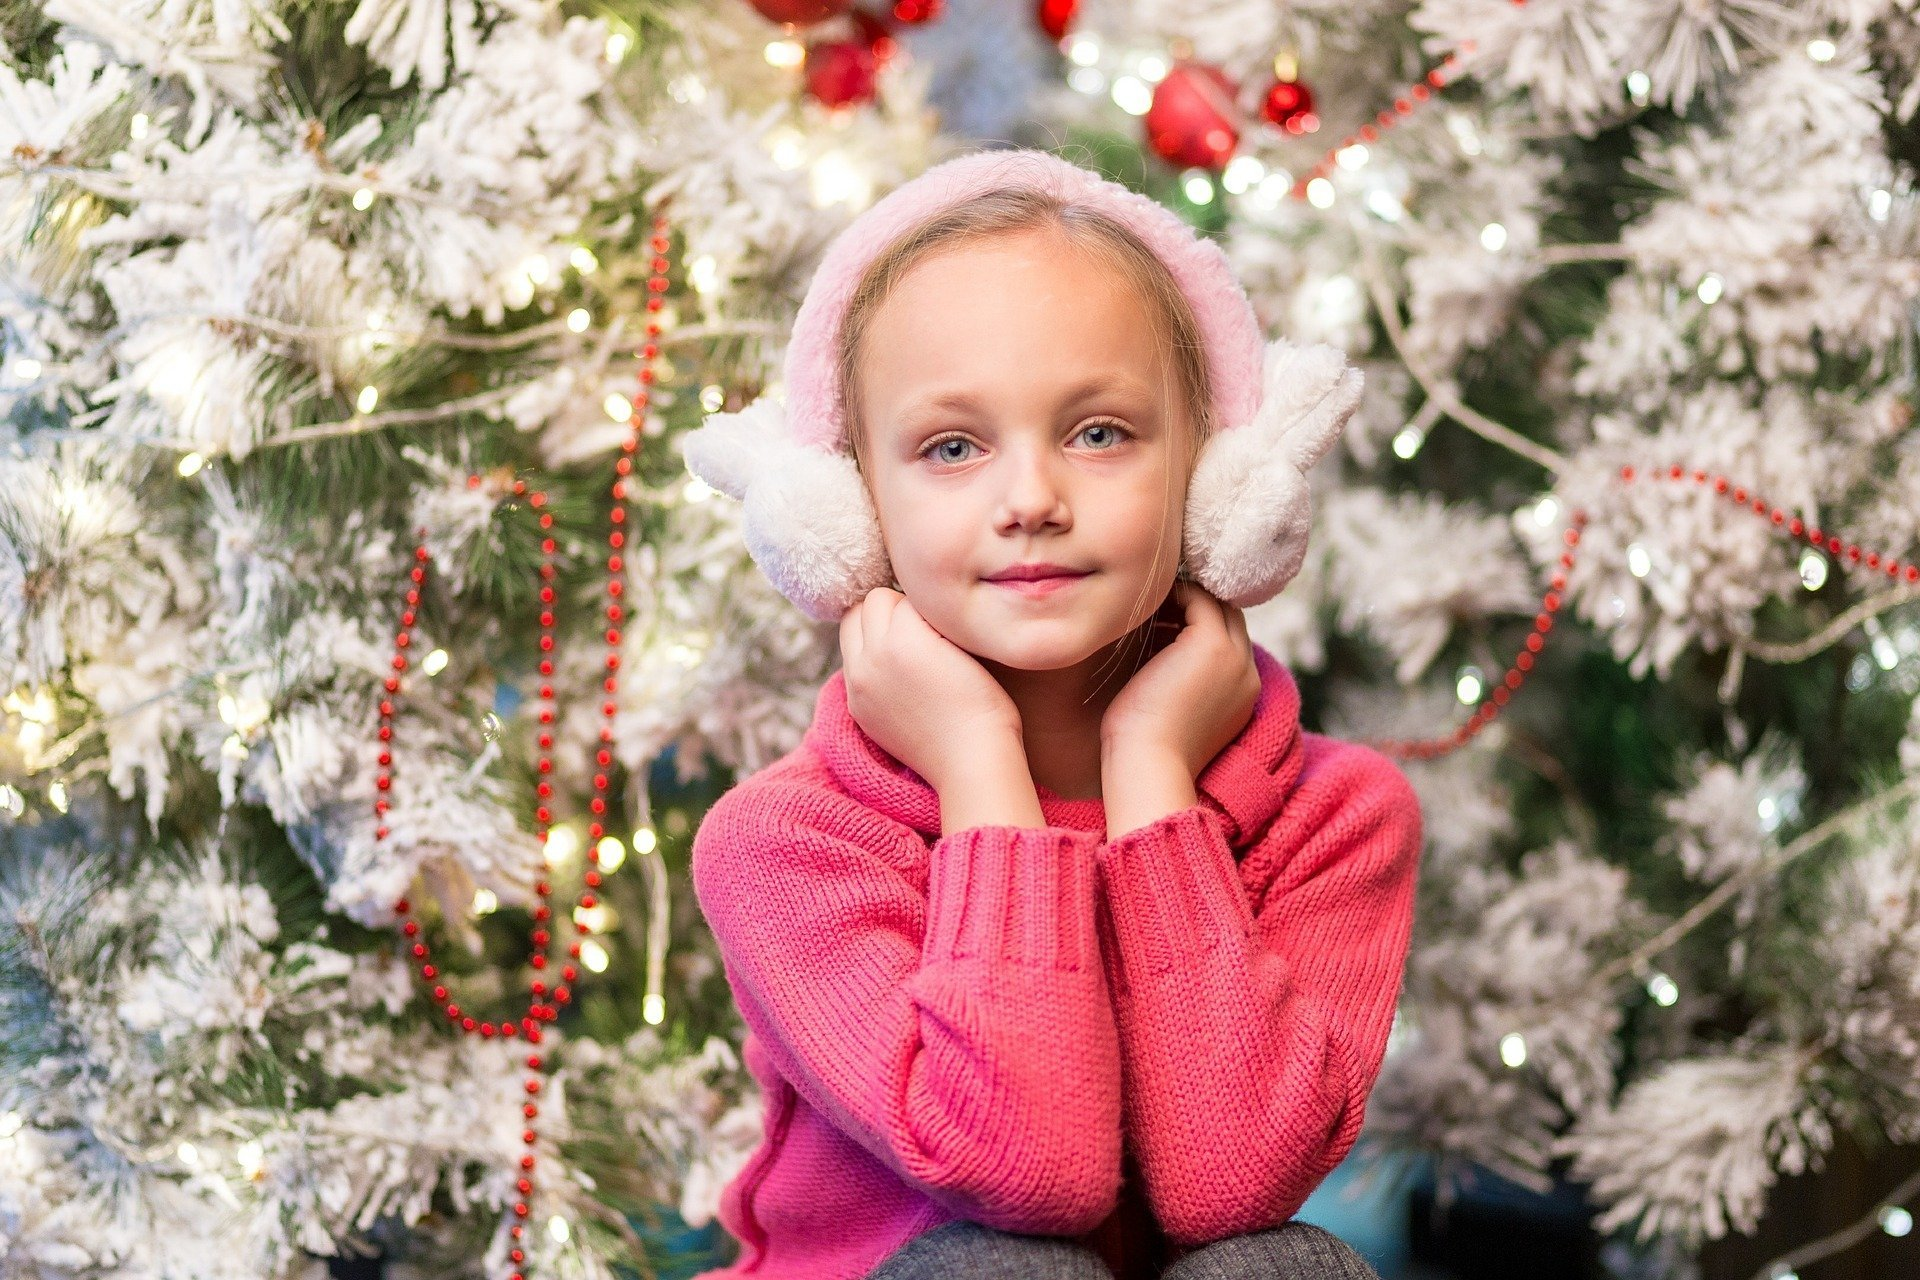 Angielska piosenka świąteczna Joy to the World, tekst i melodia